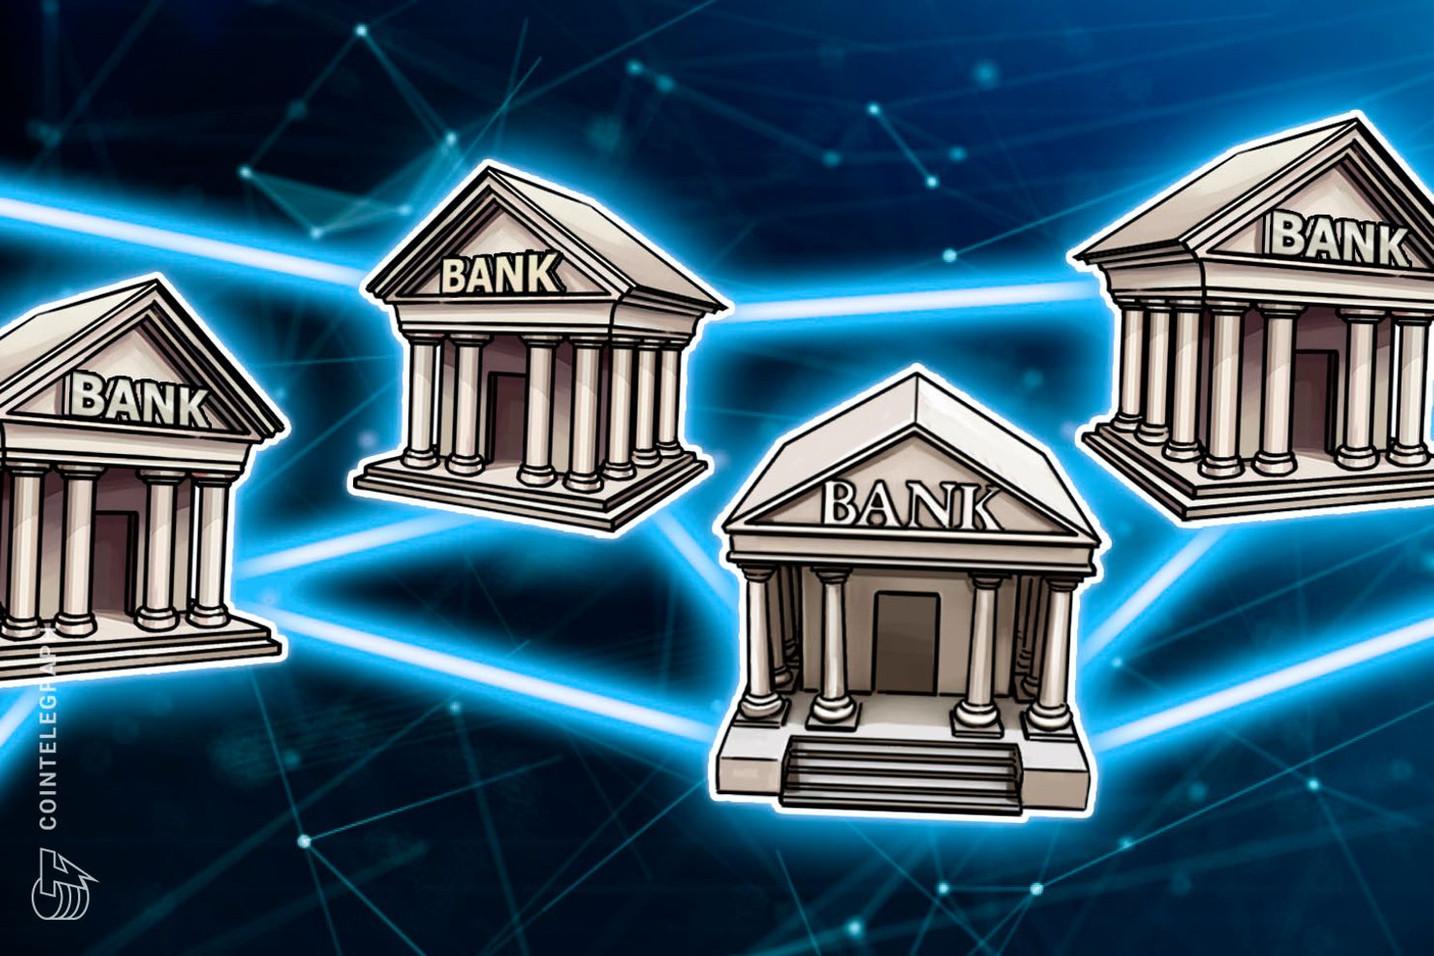 SWIFTとマイクロソフトが提携、仮想通貨リップルにとって脅威?